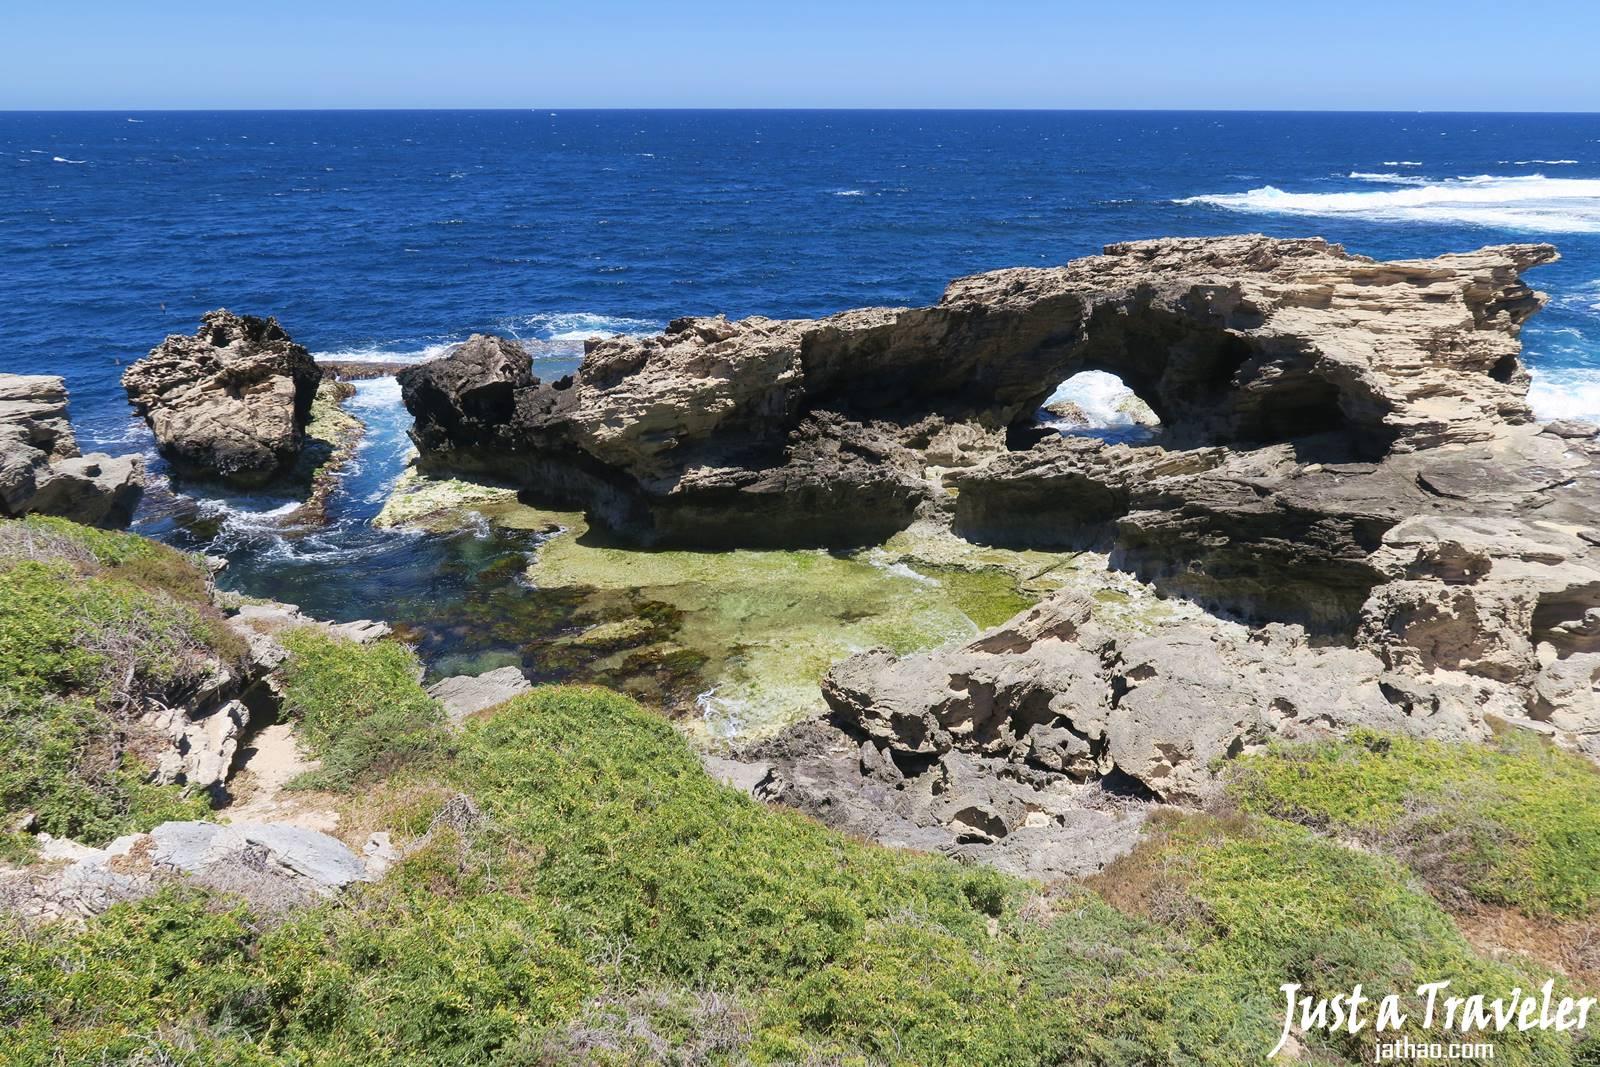 澳洲-西澳-伯斯-景點-羅特尼斯島-Rottnest Island-賞鯨-推薦-自由行-交通-旅遊-遊記-攻略-行程-一日遊-二日遊-必玩-必遊-Perth